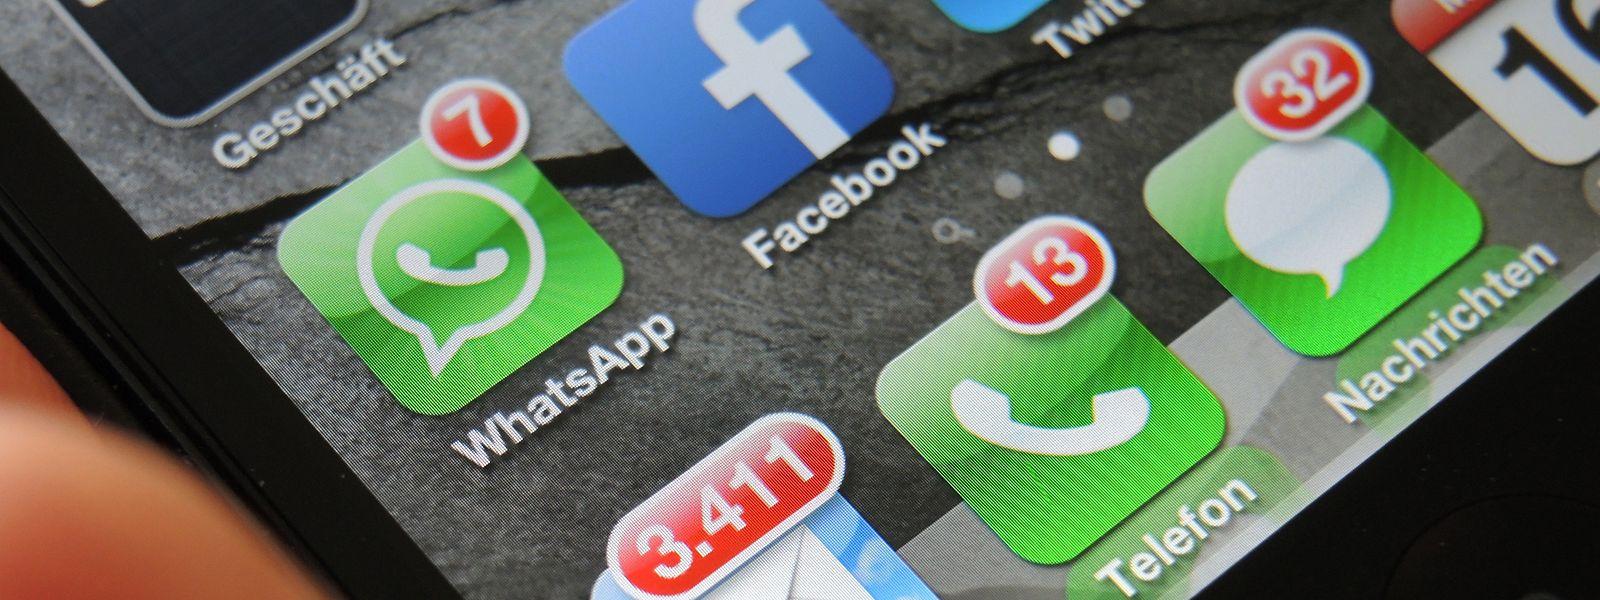 Das iPhone steht für rund 60 Prozent der Erlöse - Tendenz fallend.